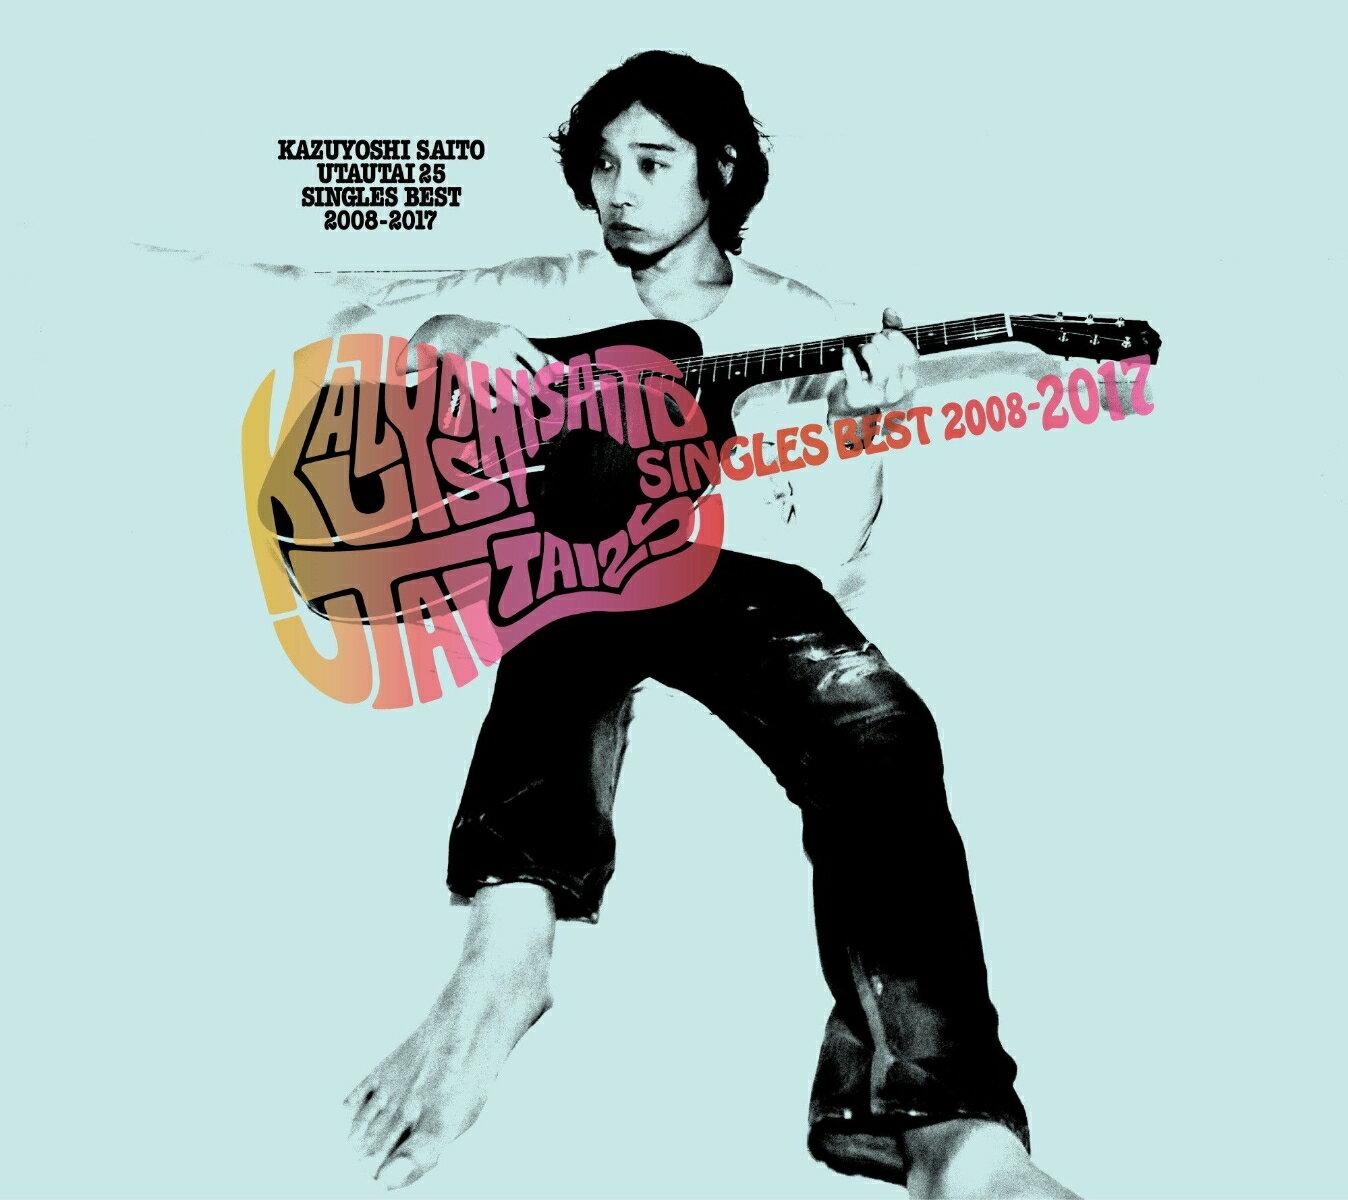 【先着特典】歌うたい25 SINGLES BEST 2008〜2017 (初回限定盤 3CD+CD) (斉藤和義ほぼ等身大ポスター付き) [ 斉藤和義 ]